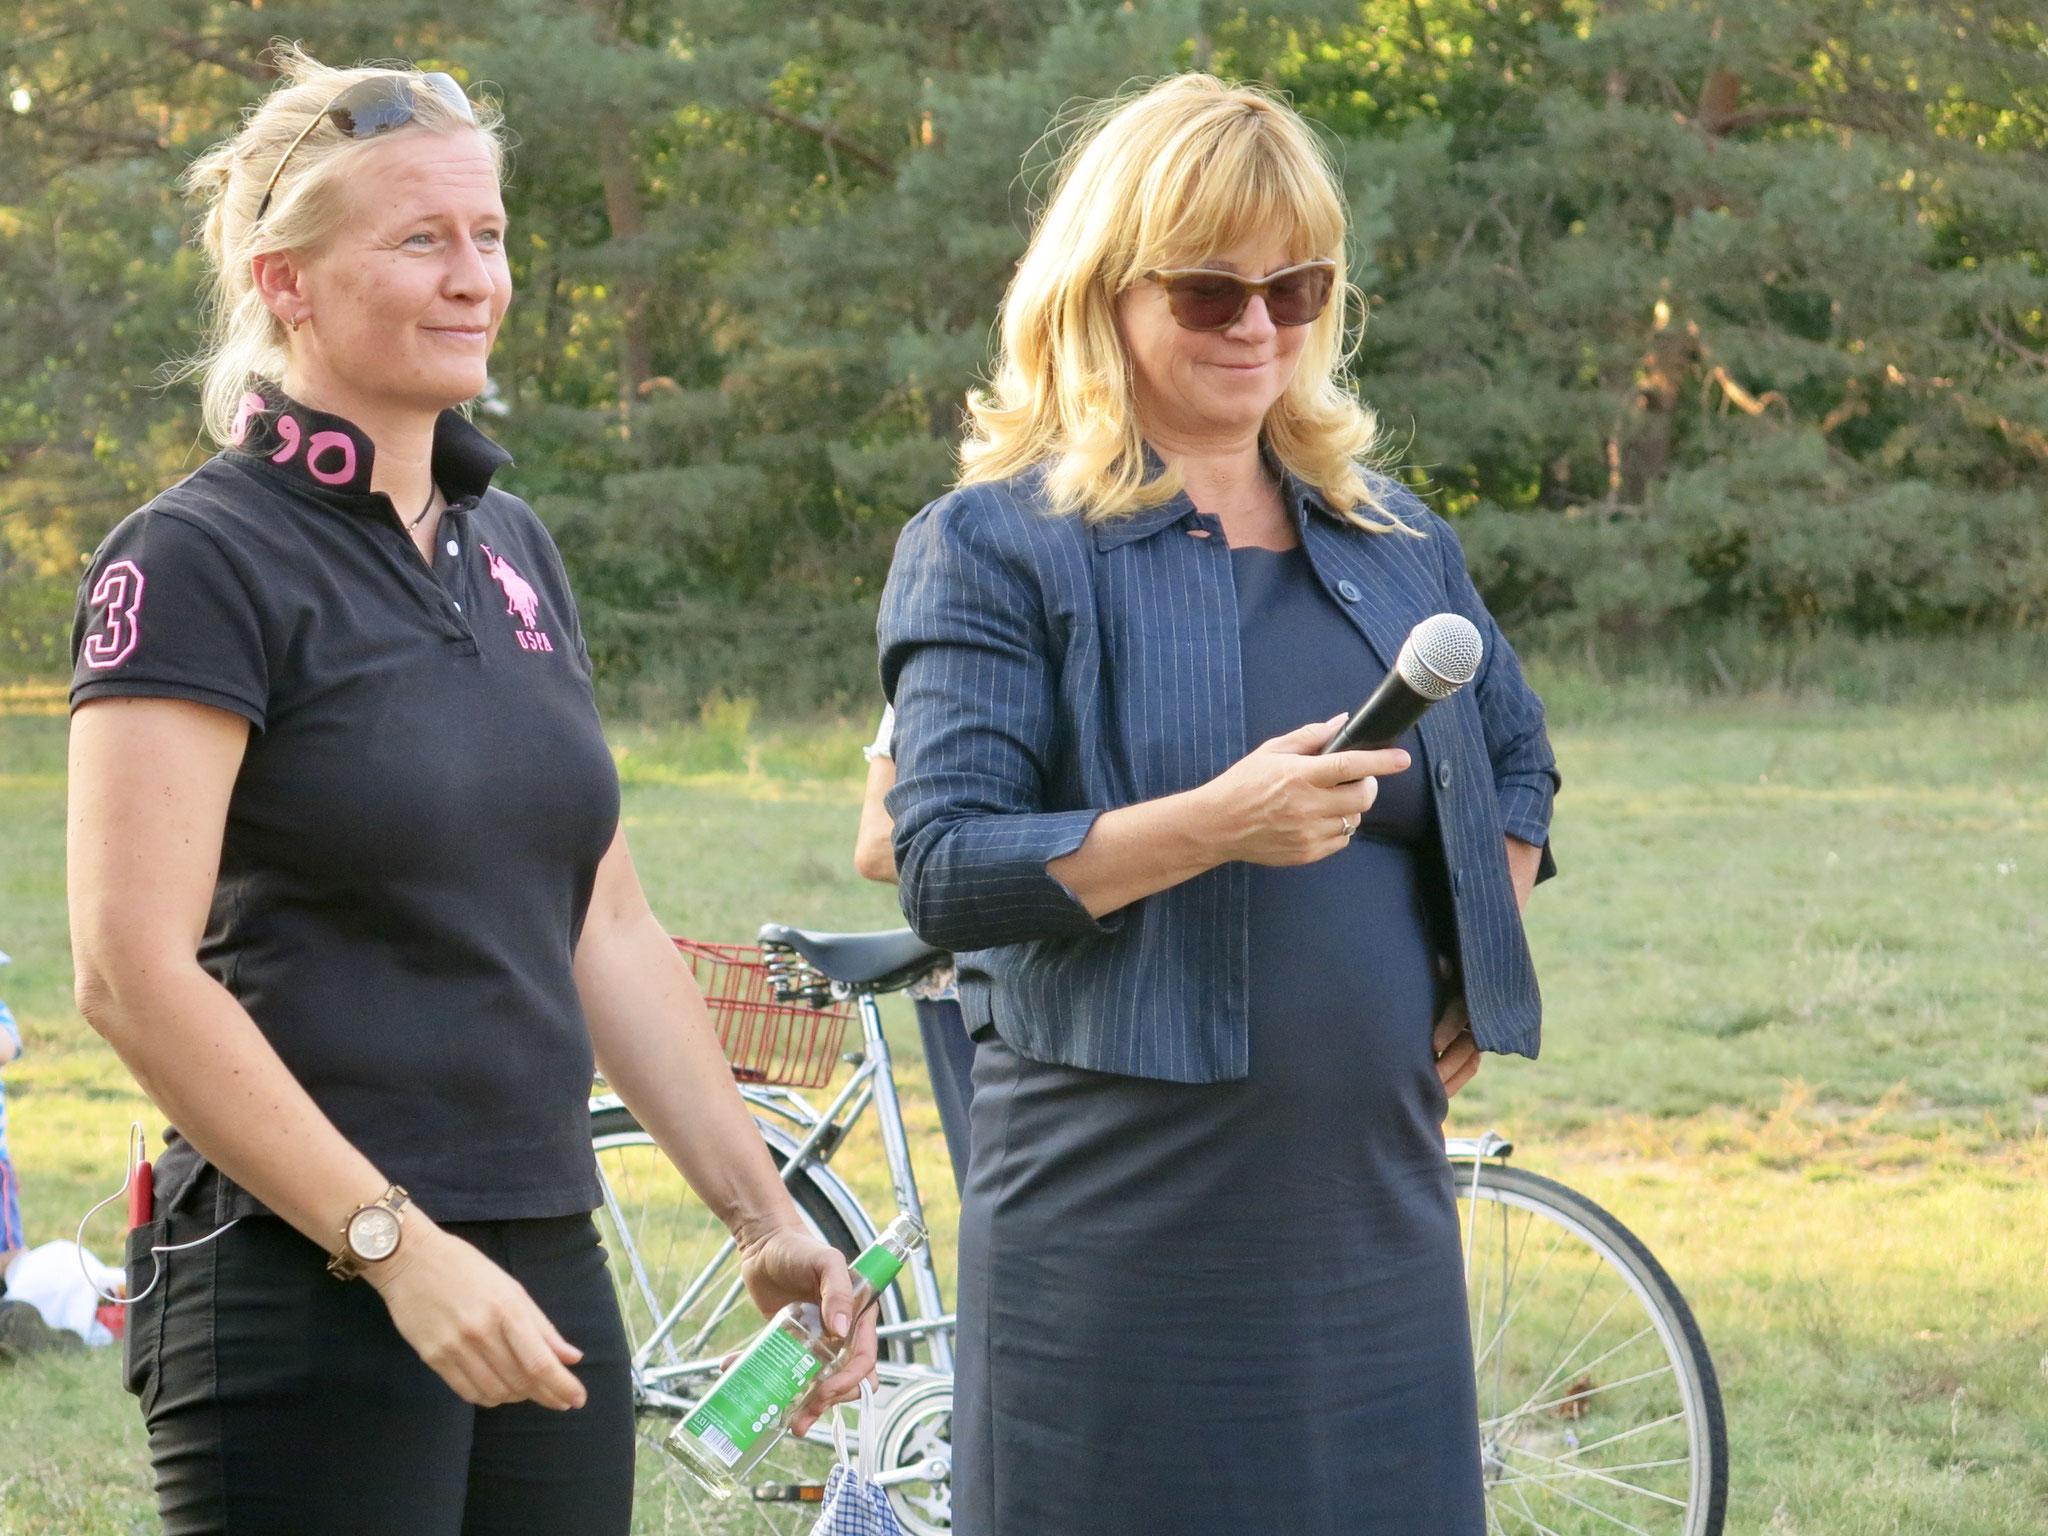 Jana Löschke, Gesamtelternvertreterin der Kiekemal-Grundschule, erkundigte sich nach der Schulhofbeschattung.